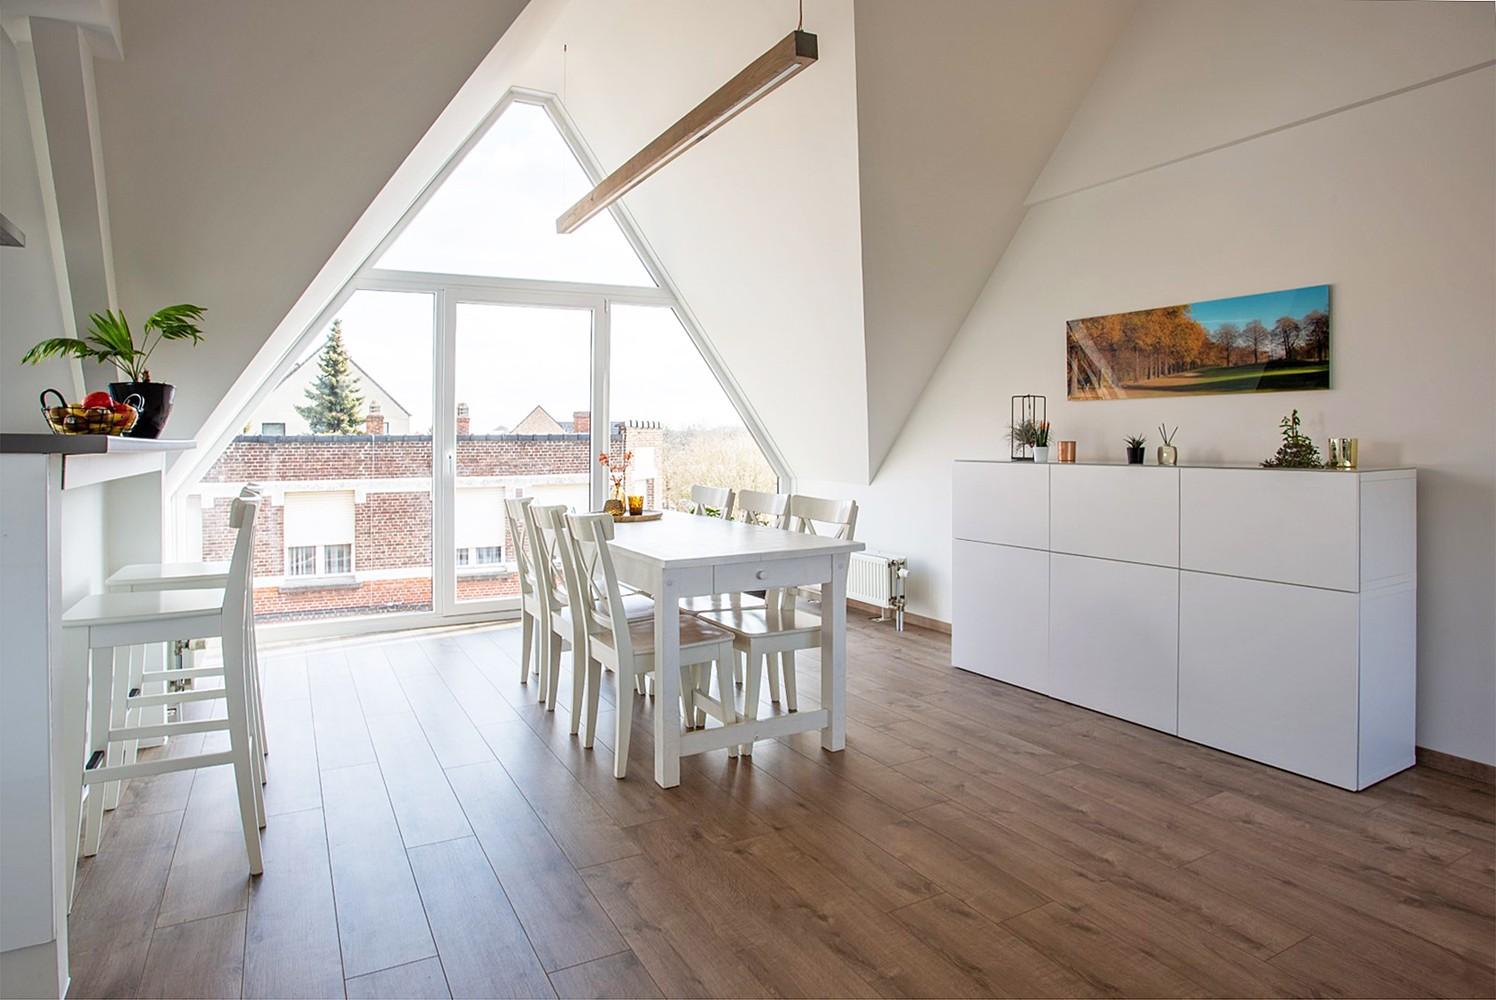 Verrassend ruim, lichtrijk appartement met 3 slaapkamers in hartje Broechem! afbeelding 1